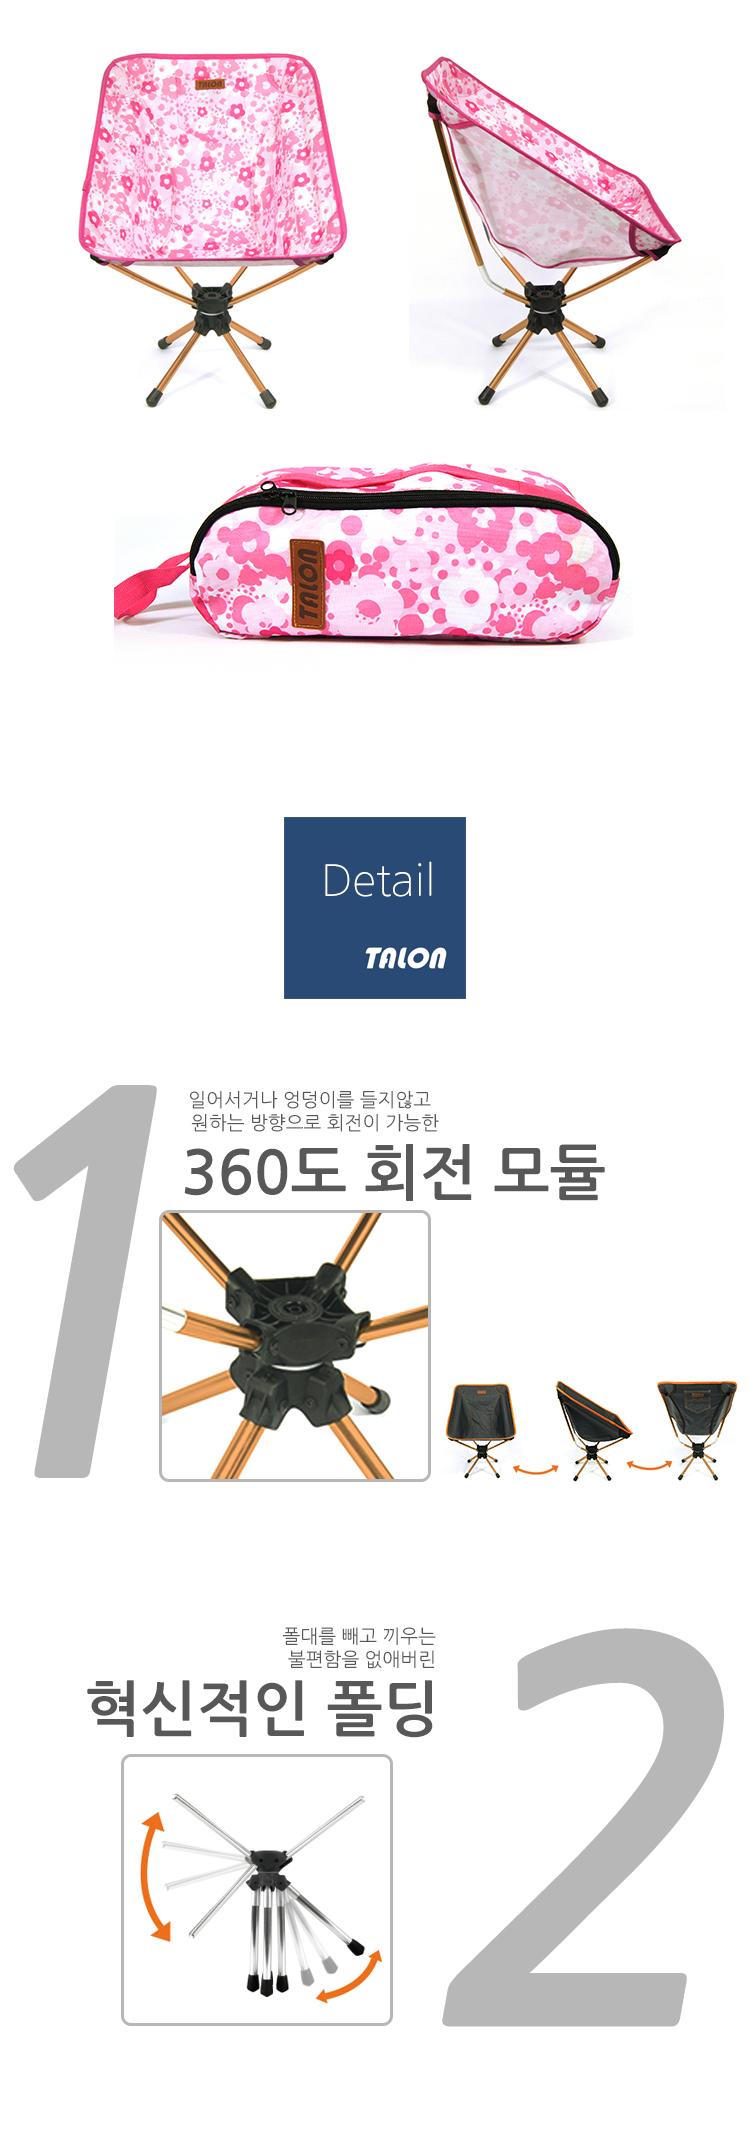 탤론 피벗체어 S 핑크 회전되는 캠핑의자 릴렉스체어 - 탤론, 128,000원, 의자/테이블, 의자